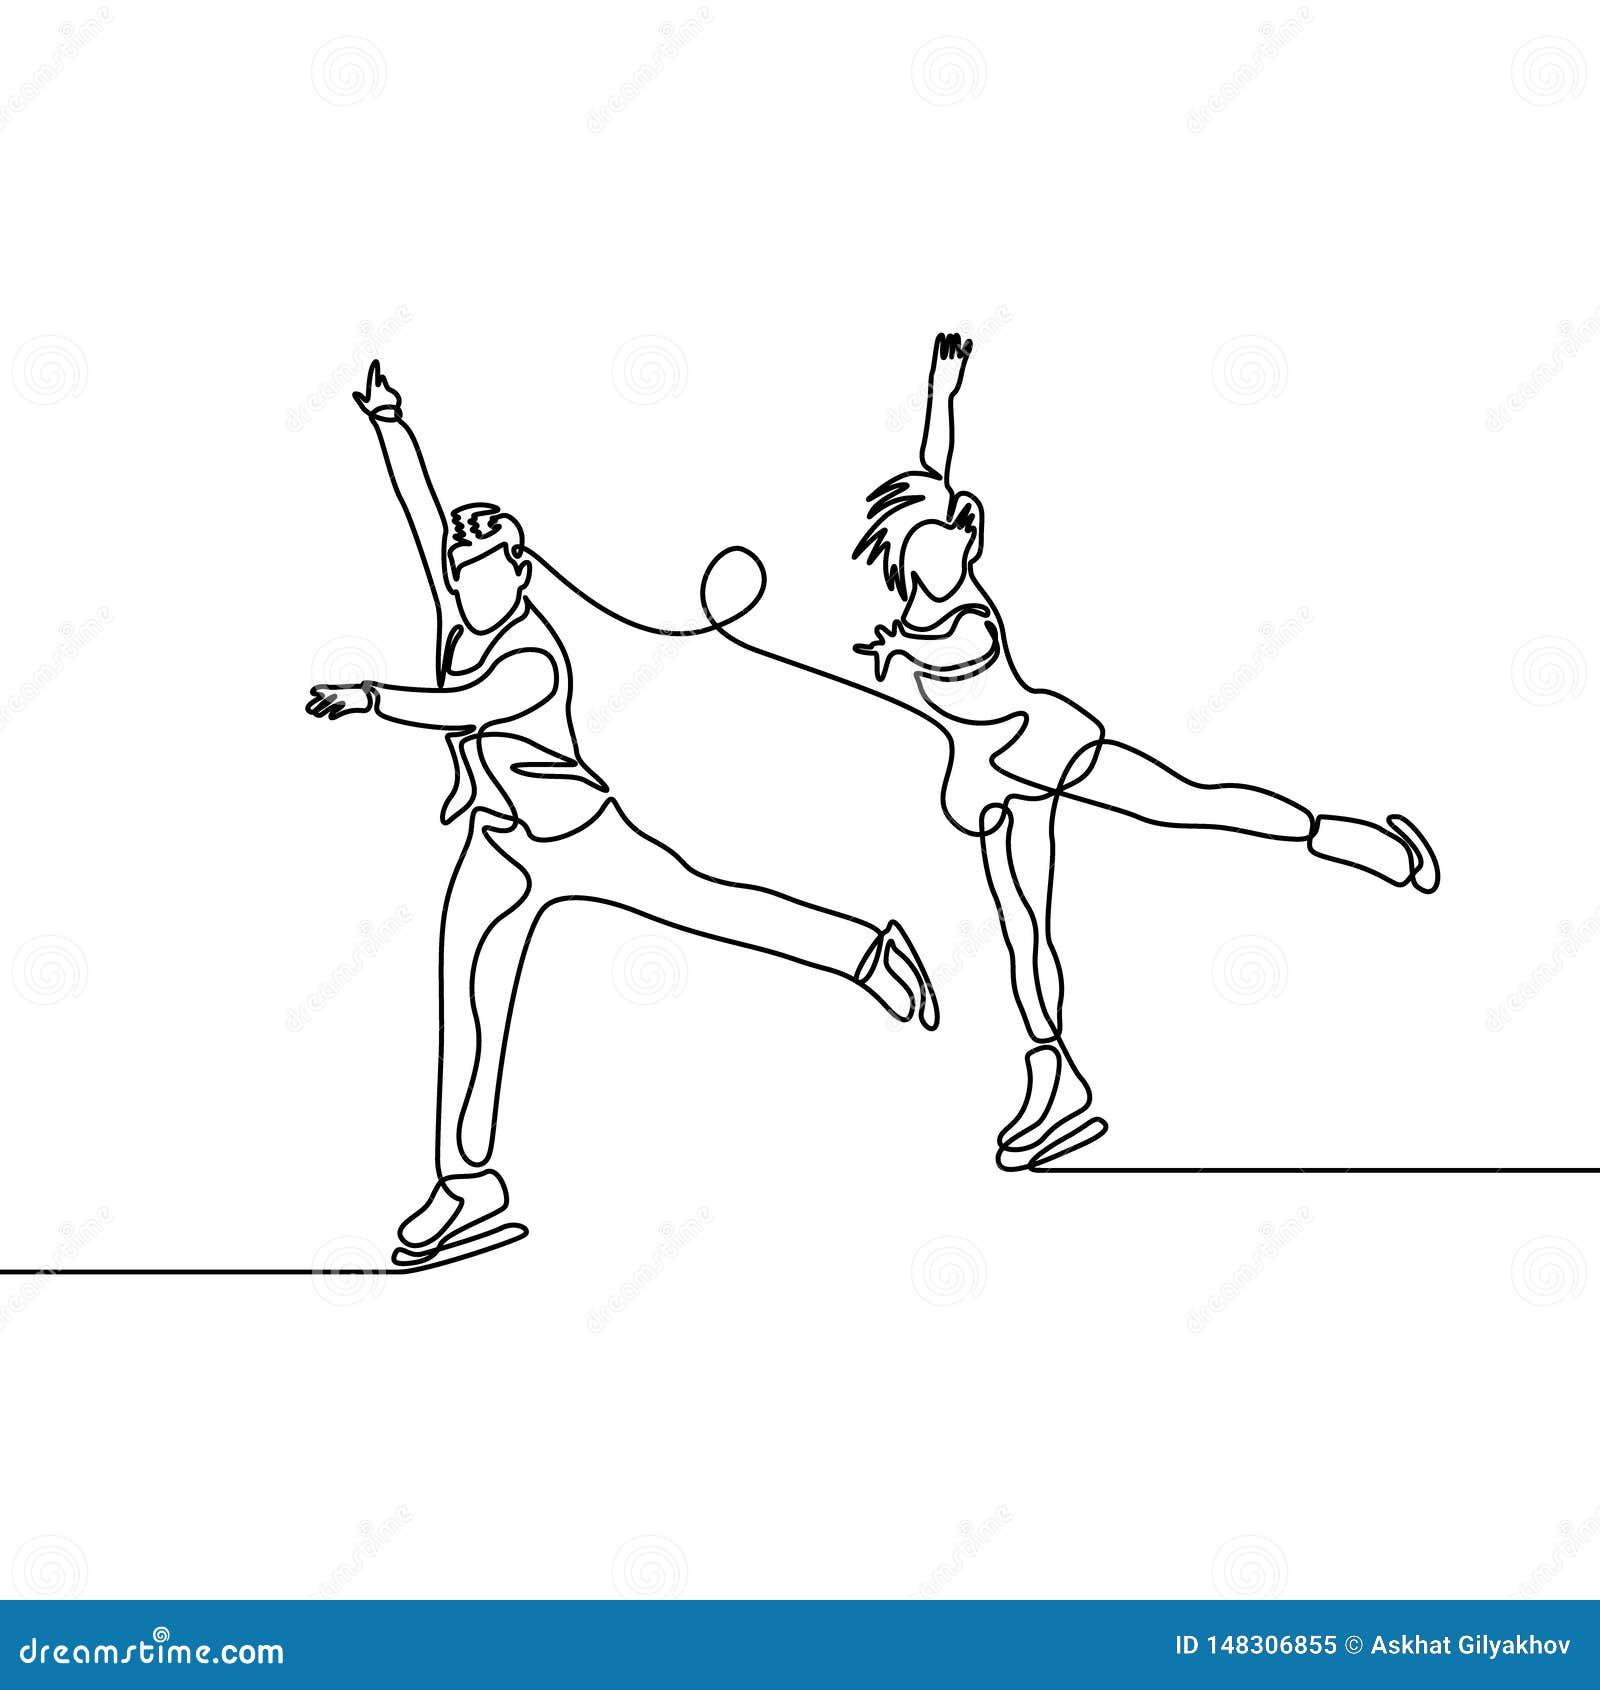 Ununterbrochene Linie Paar der Zahl Schlittschuhläufer, Paareiskunstlauf